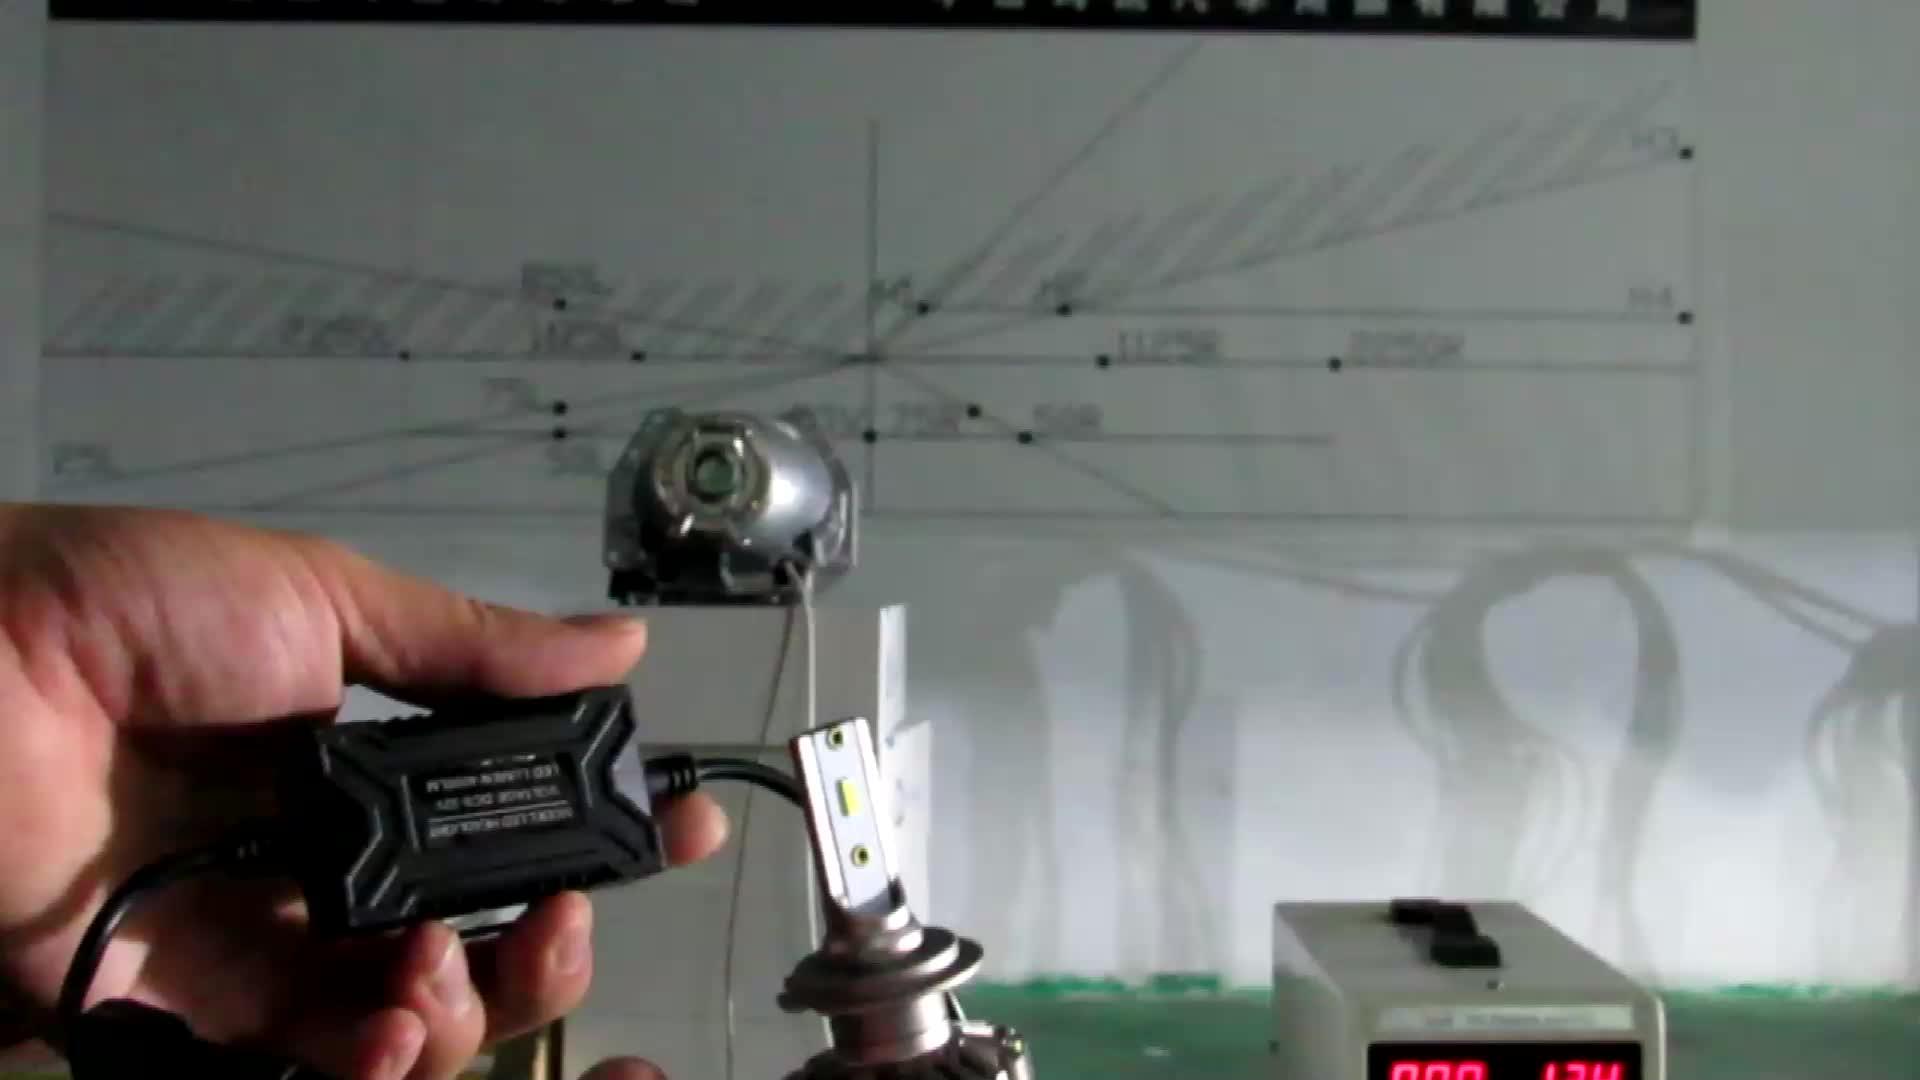 신제품 자동 조명 시스템 12 V 차량용 전조등 H4 40 W 4800LM 냉각 팬 led 조명